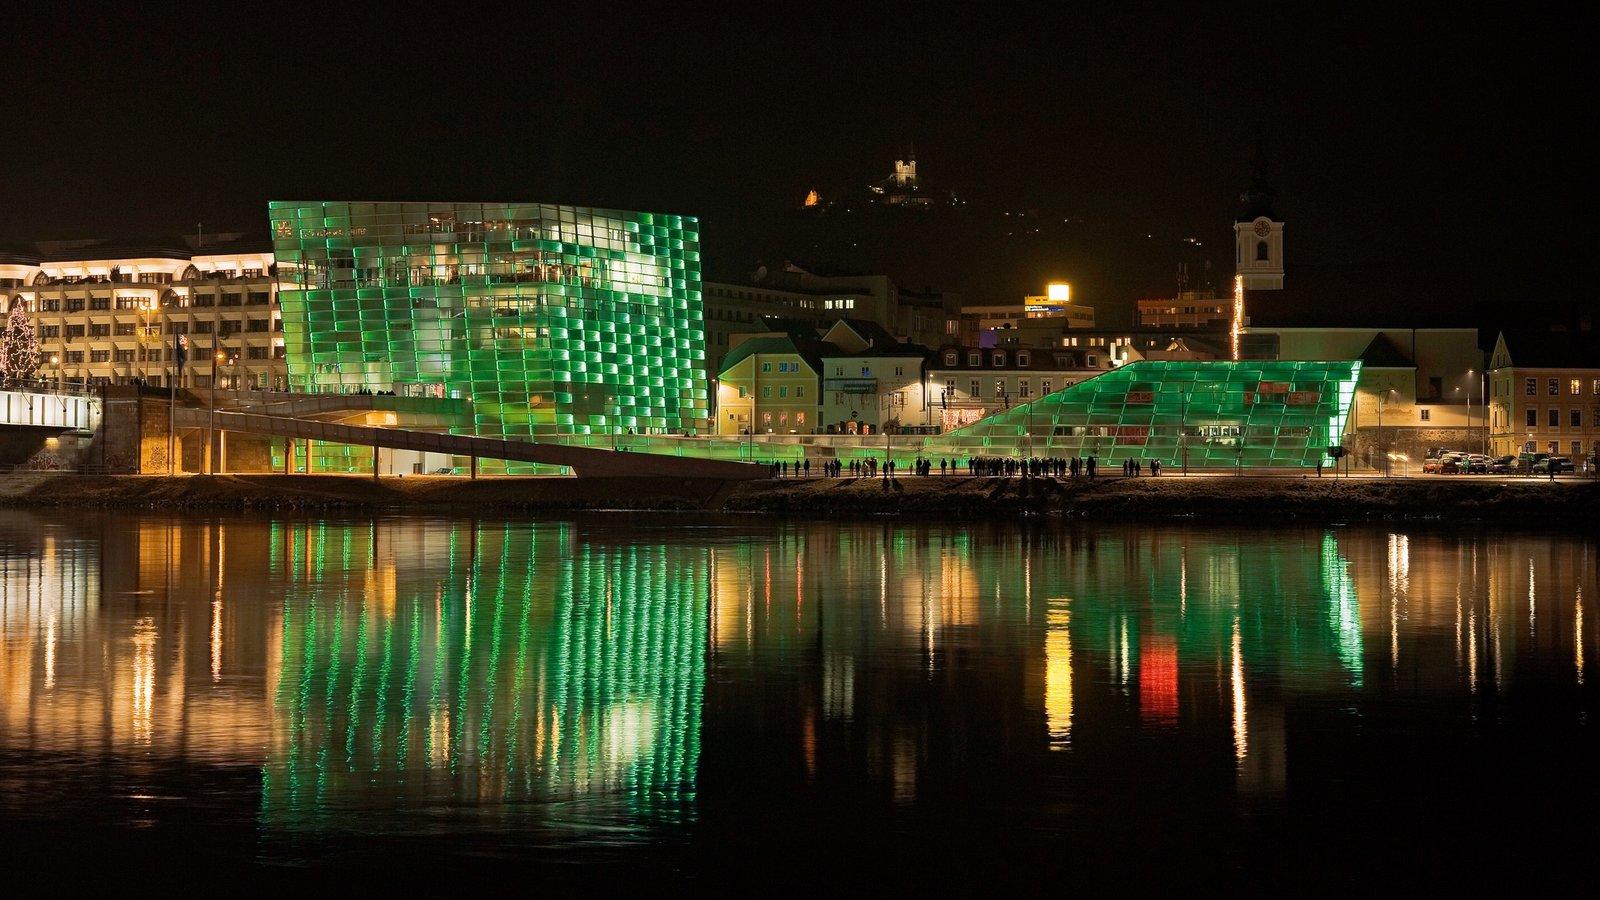 Linz mostrando una ciudad, escenas nocturnas y arquitectura moderna